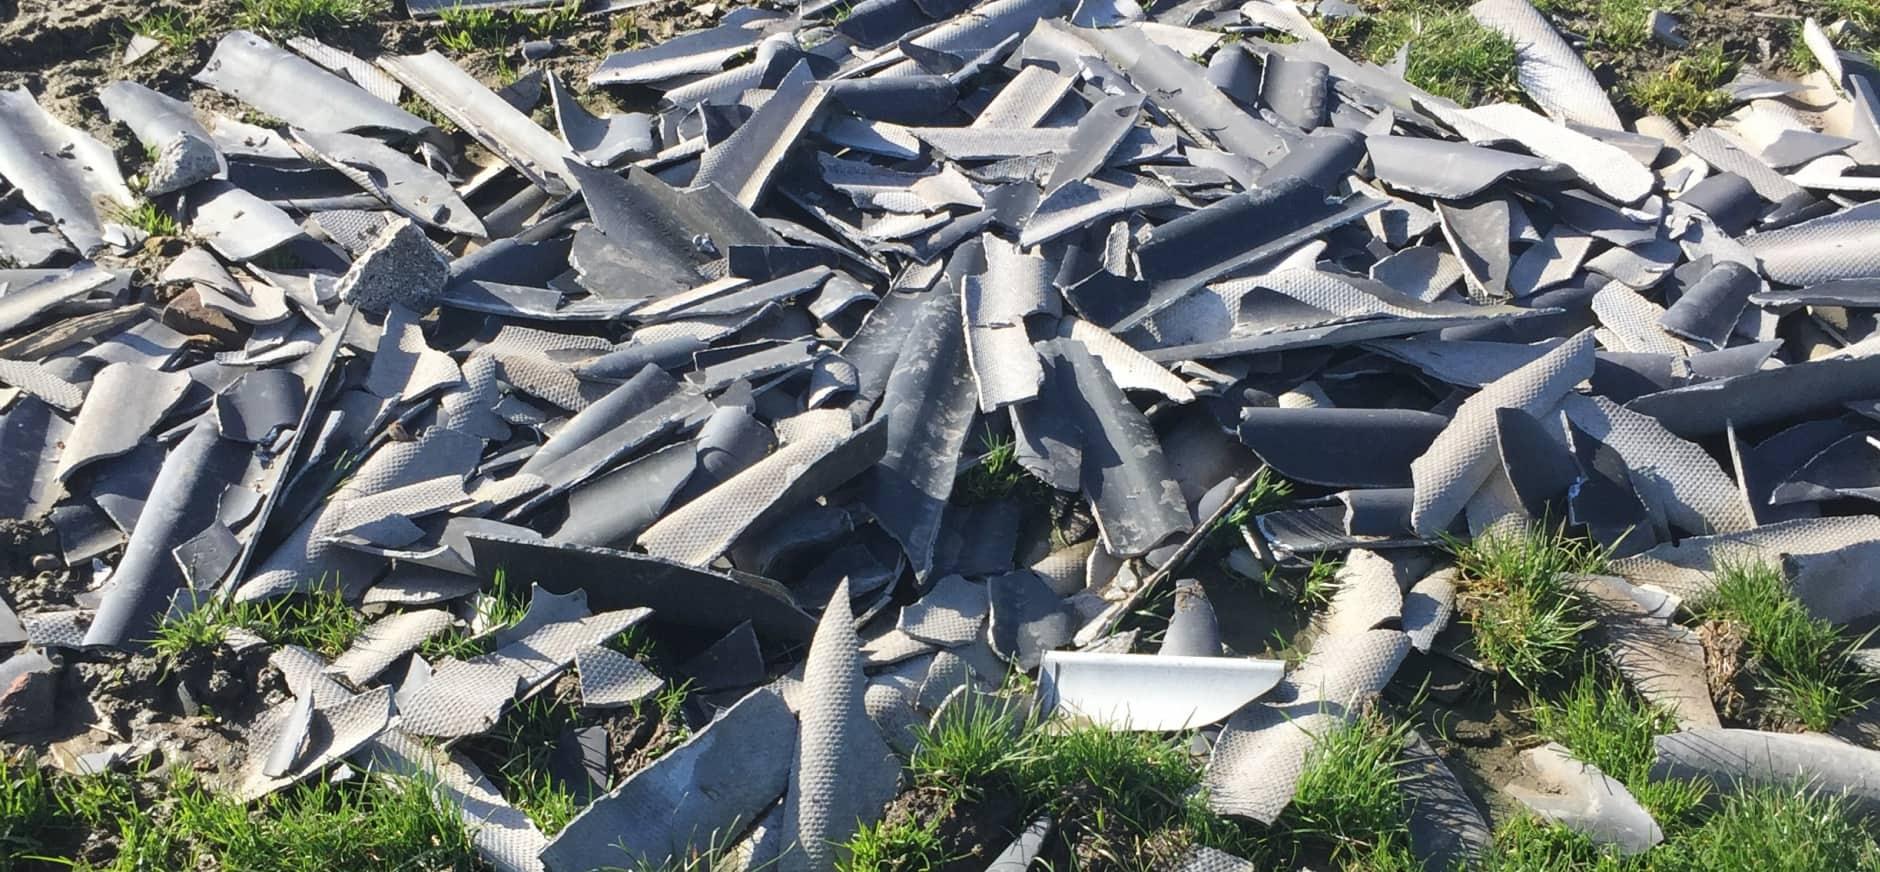 Asbestdumping in Meijegraslanden bij Nieuwkoopse Plassen